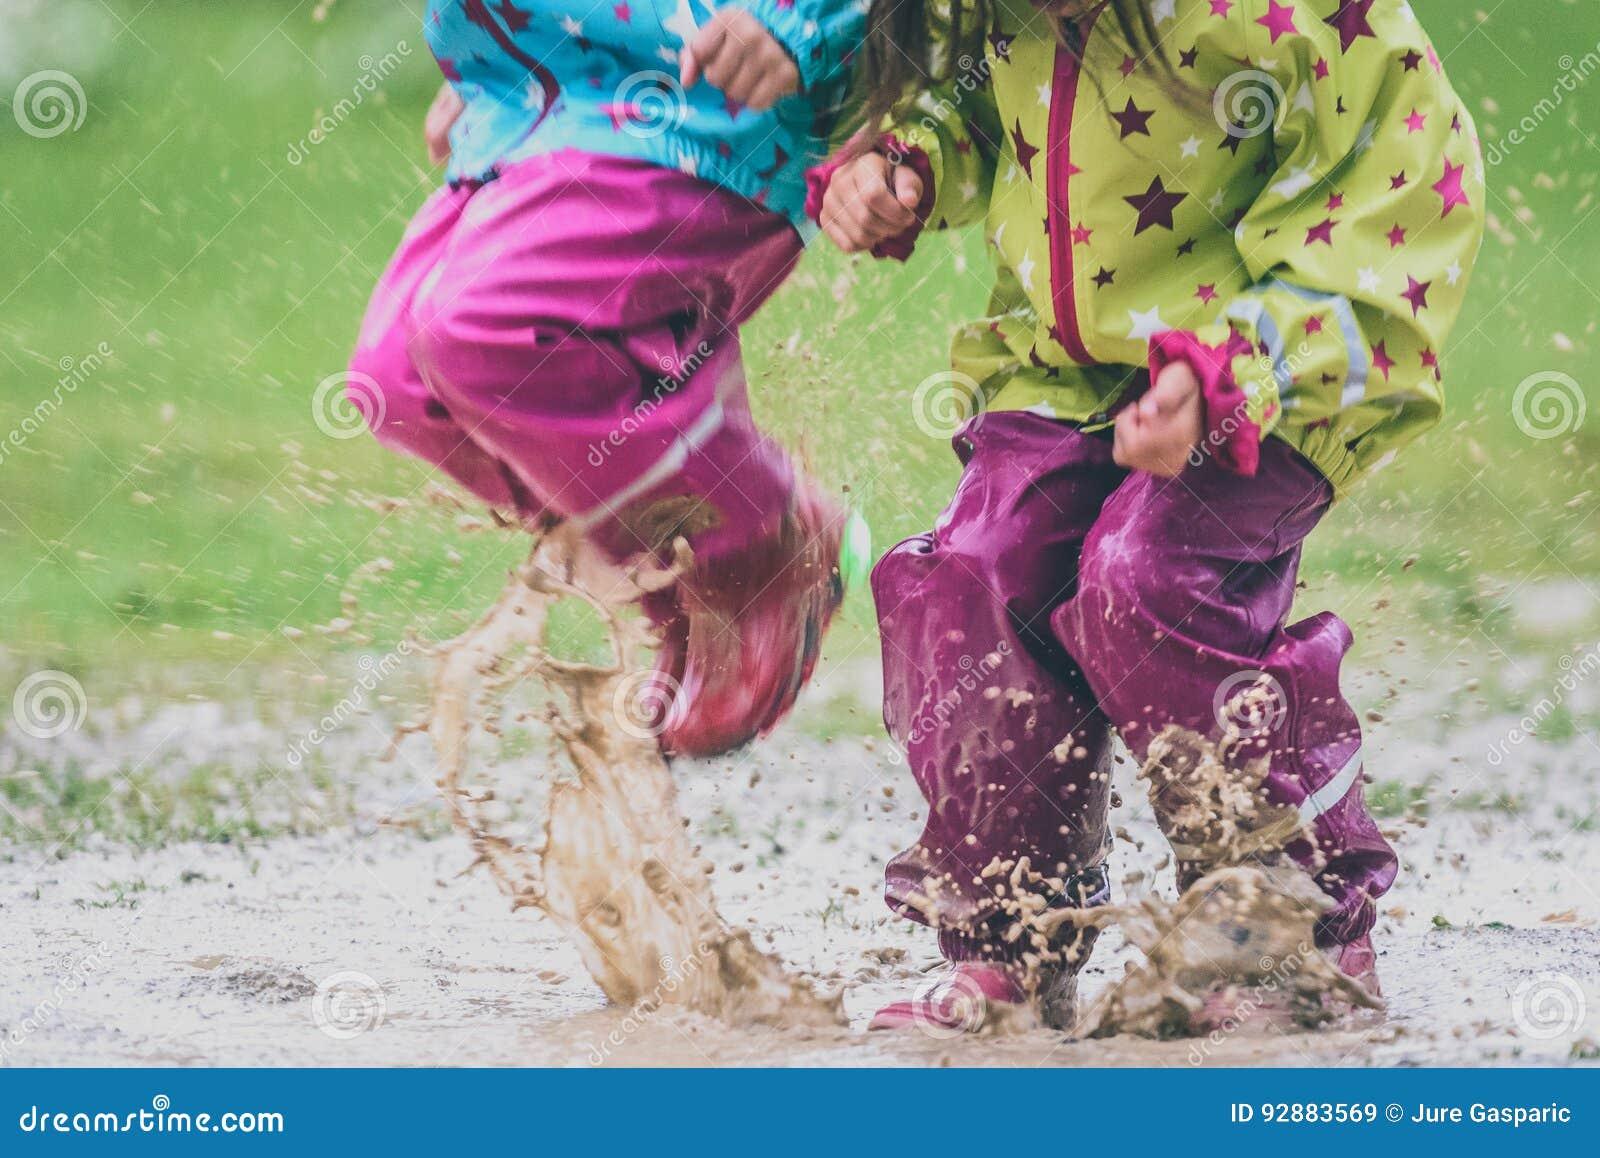 Crianças nas botas de borracha e na roupa da chuva que saltam na poça